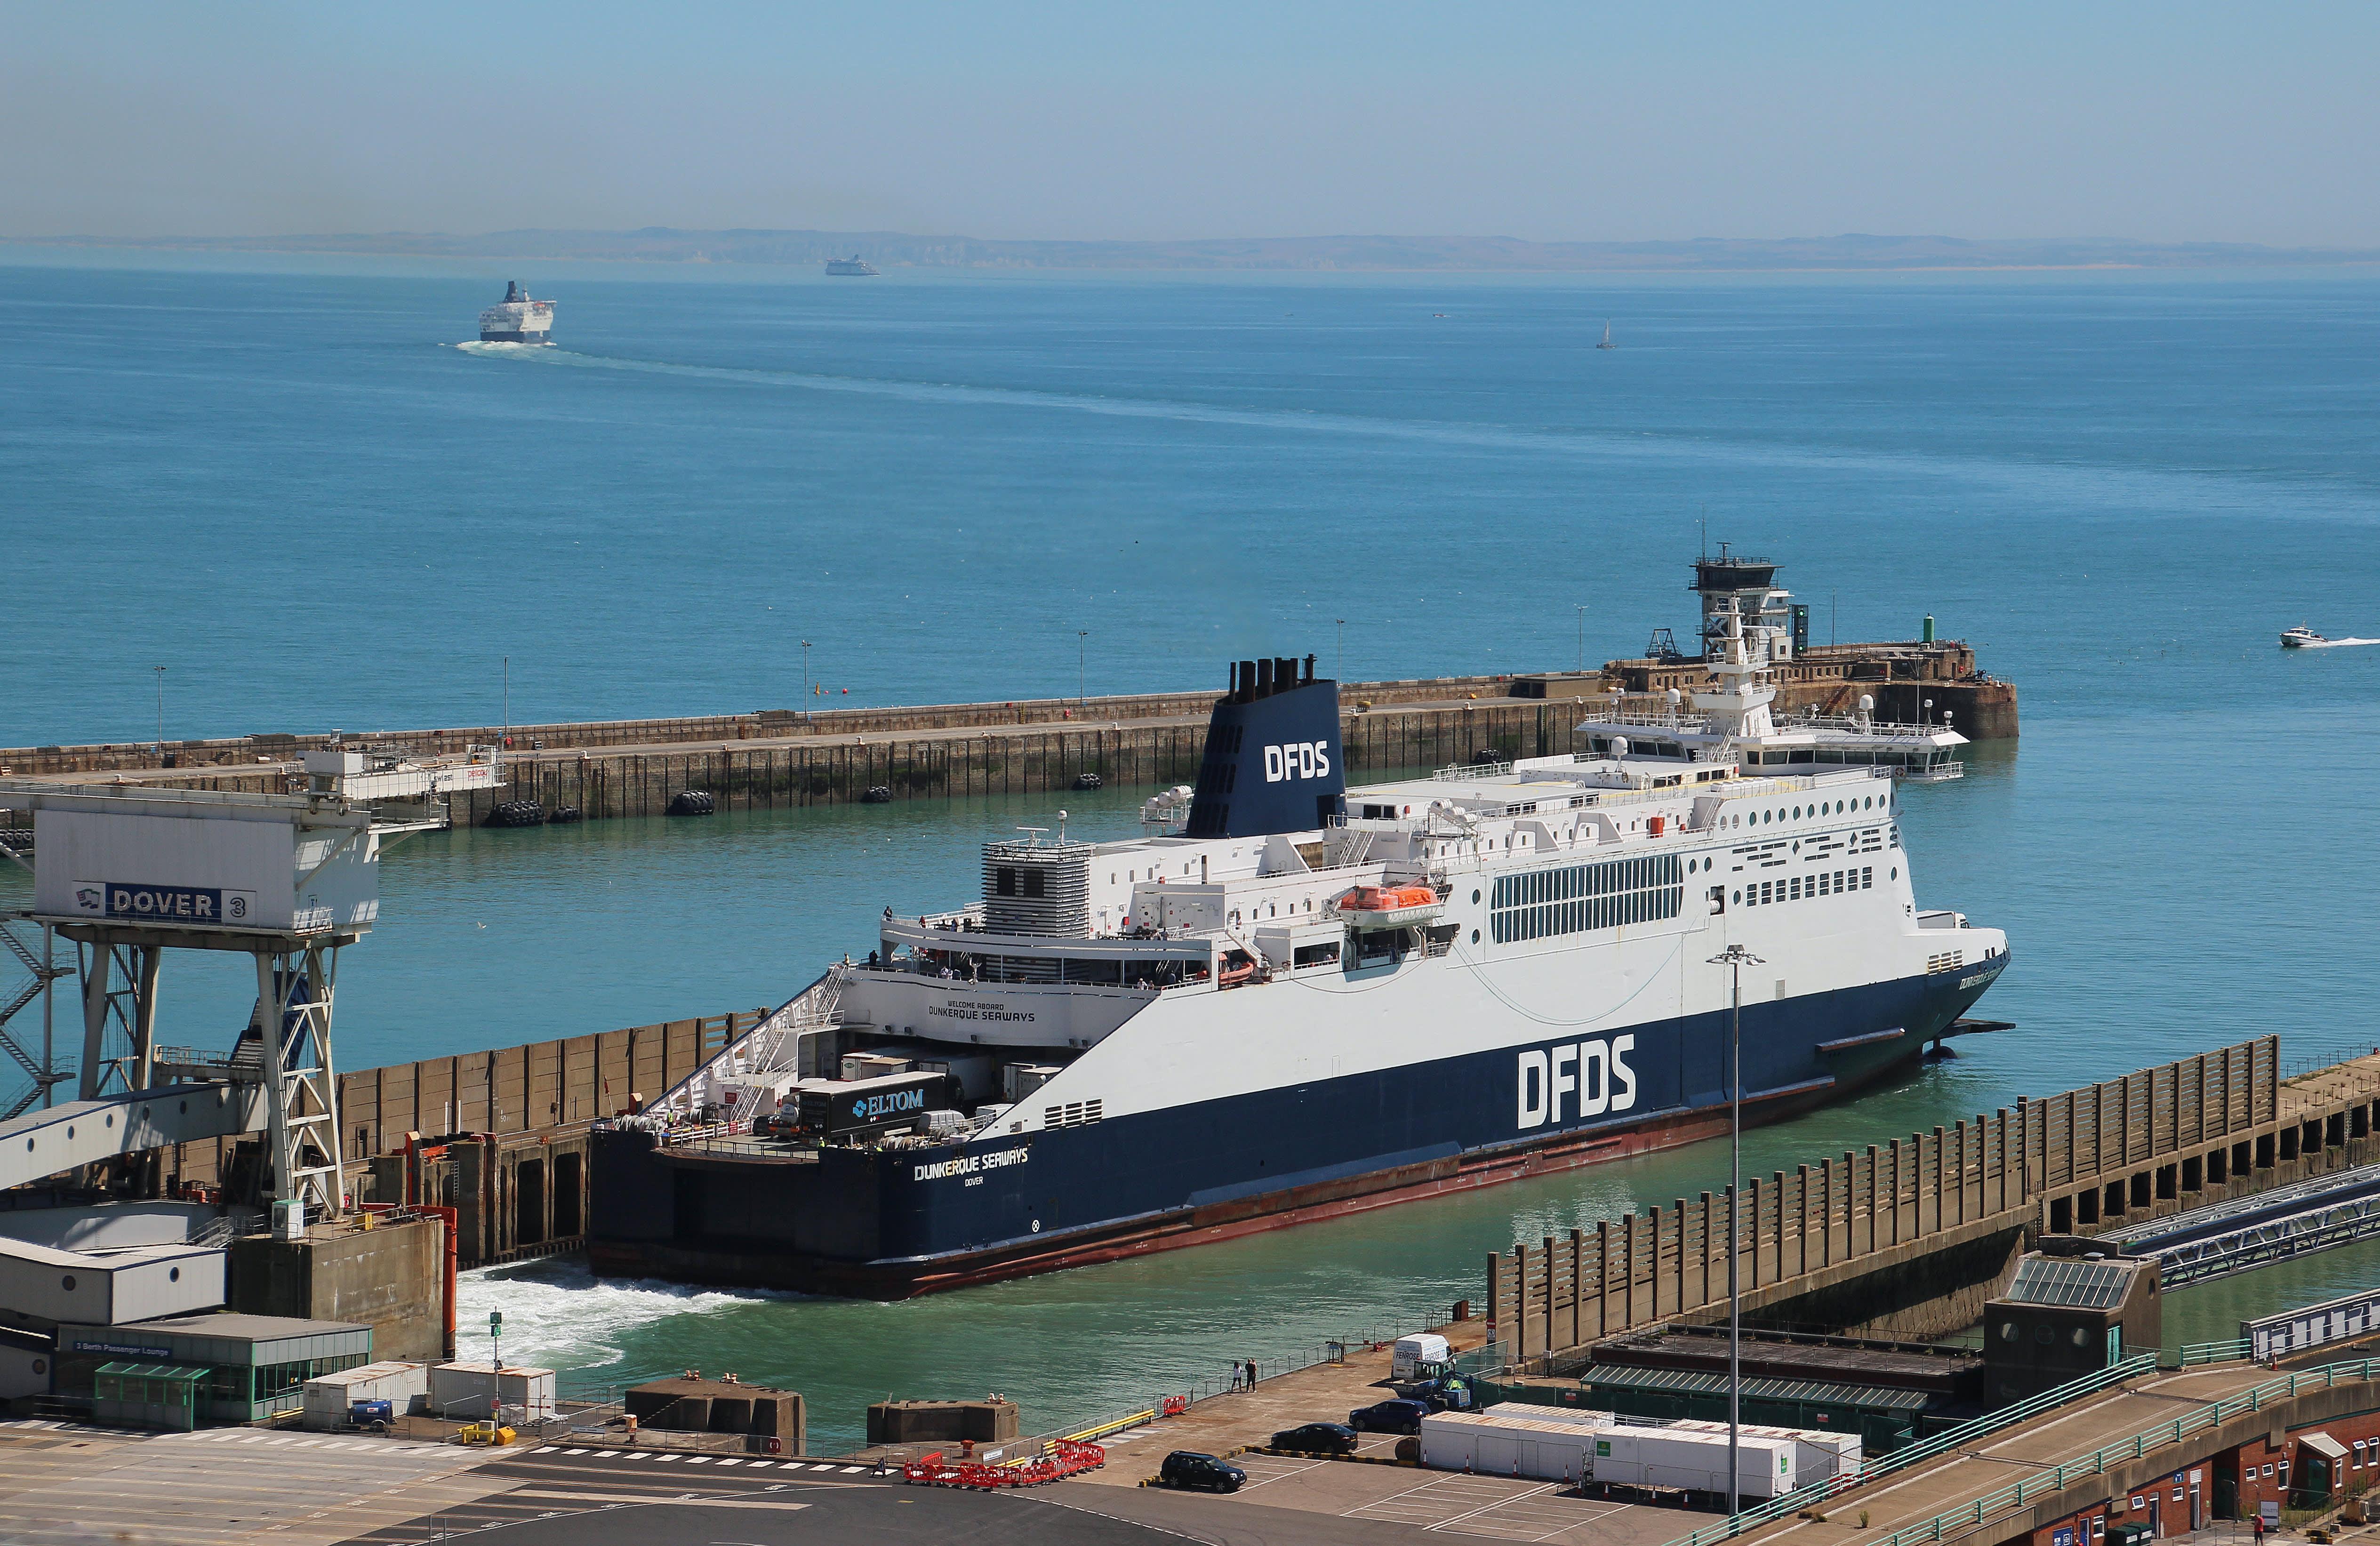 DFDS - Dunkerque Seaways